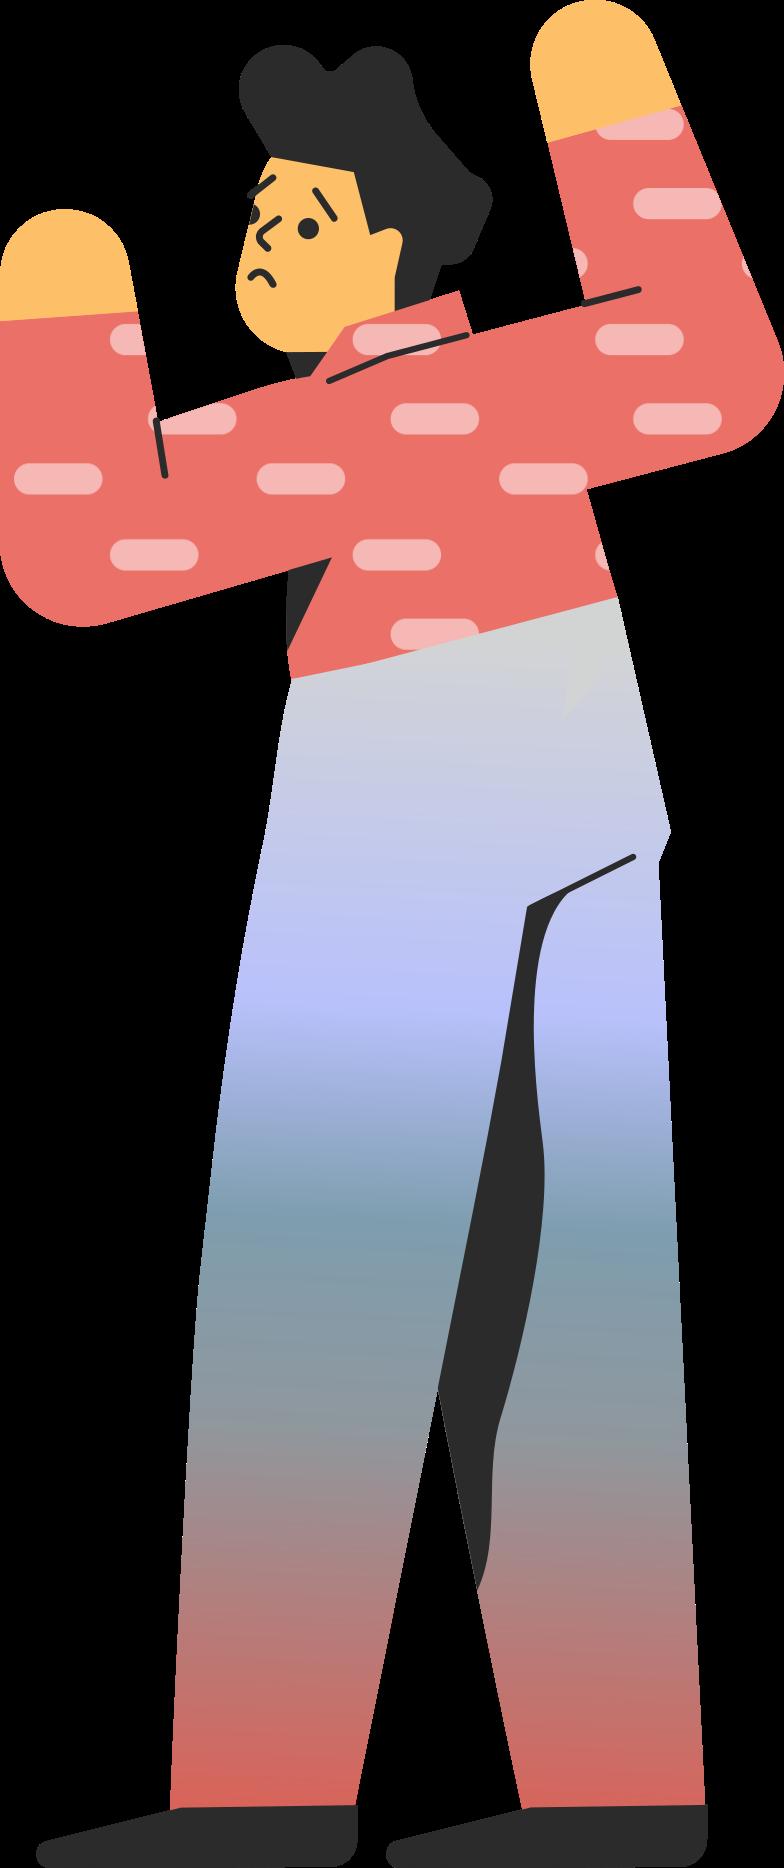 criminal Clipart illustration in PNG, SVG